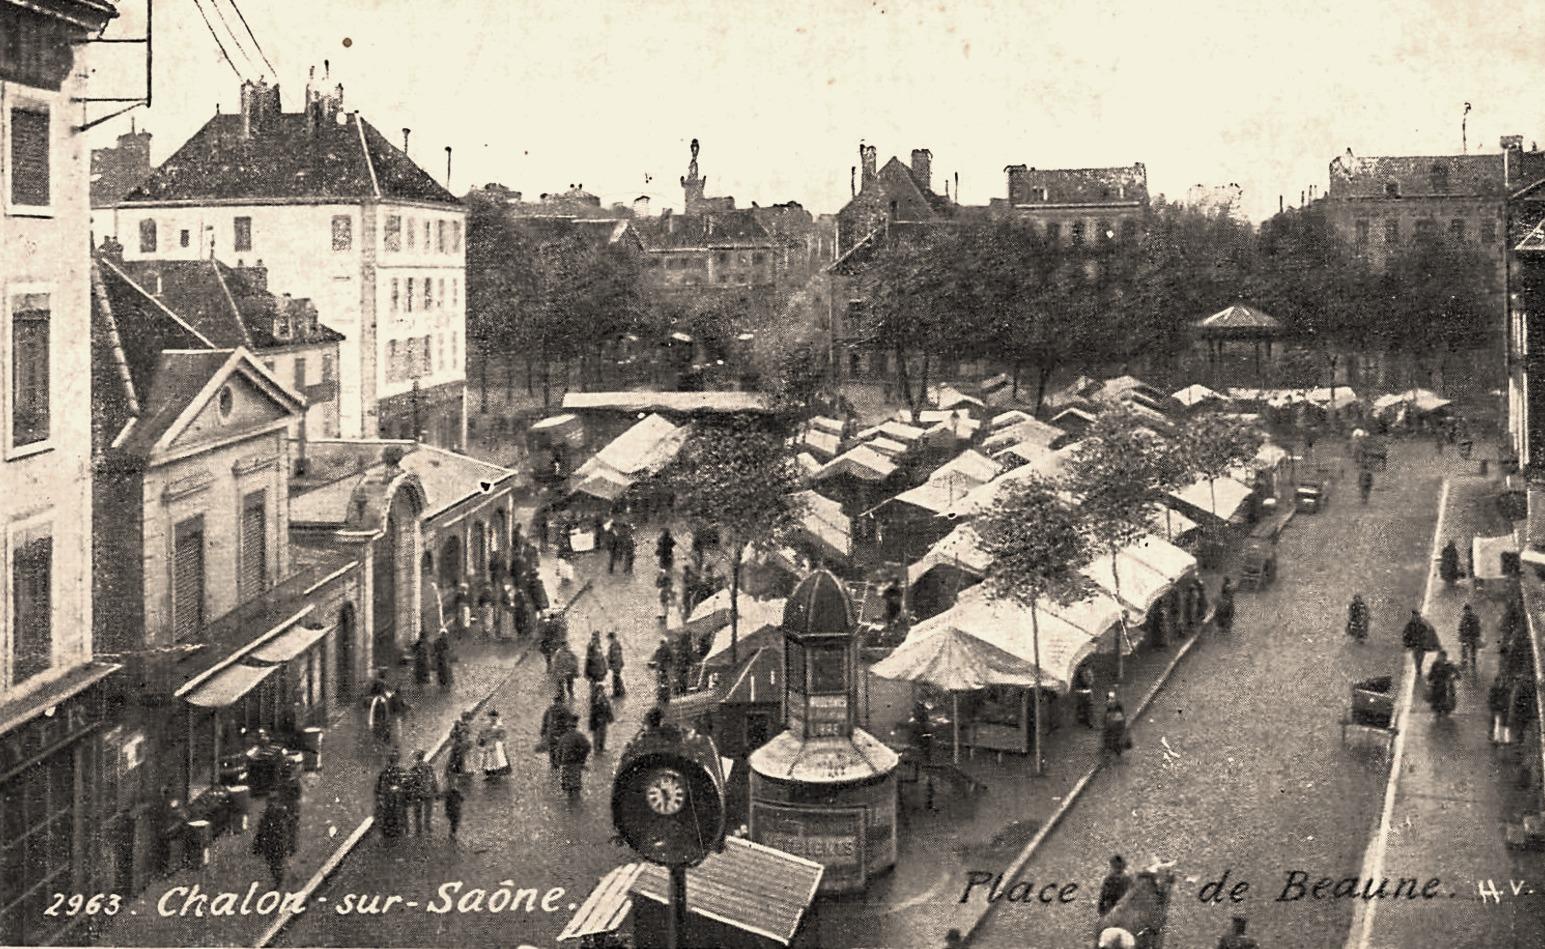 Chalon-sur-Saône (71) Place de Beaune CPA